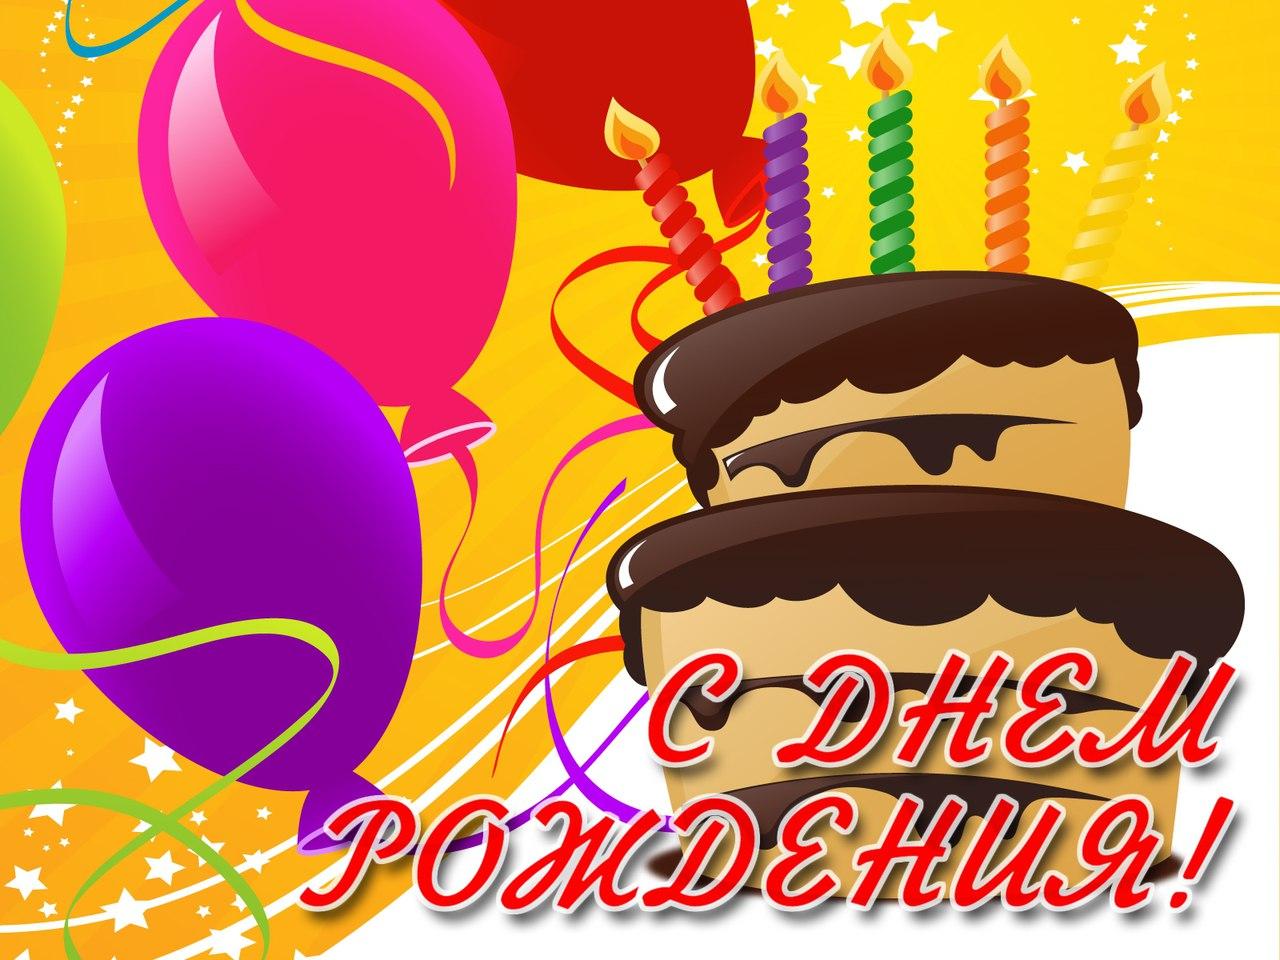 Днем рождения, розыгрыш поздравления с днем рождения женщине